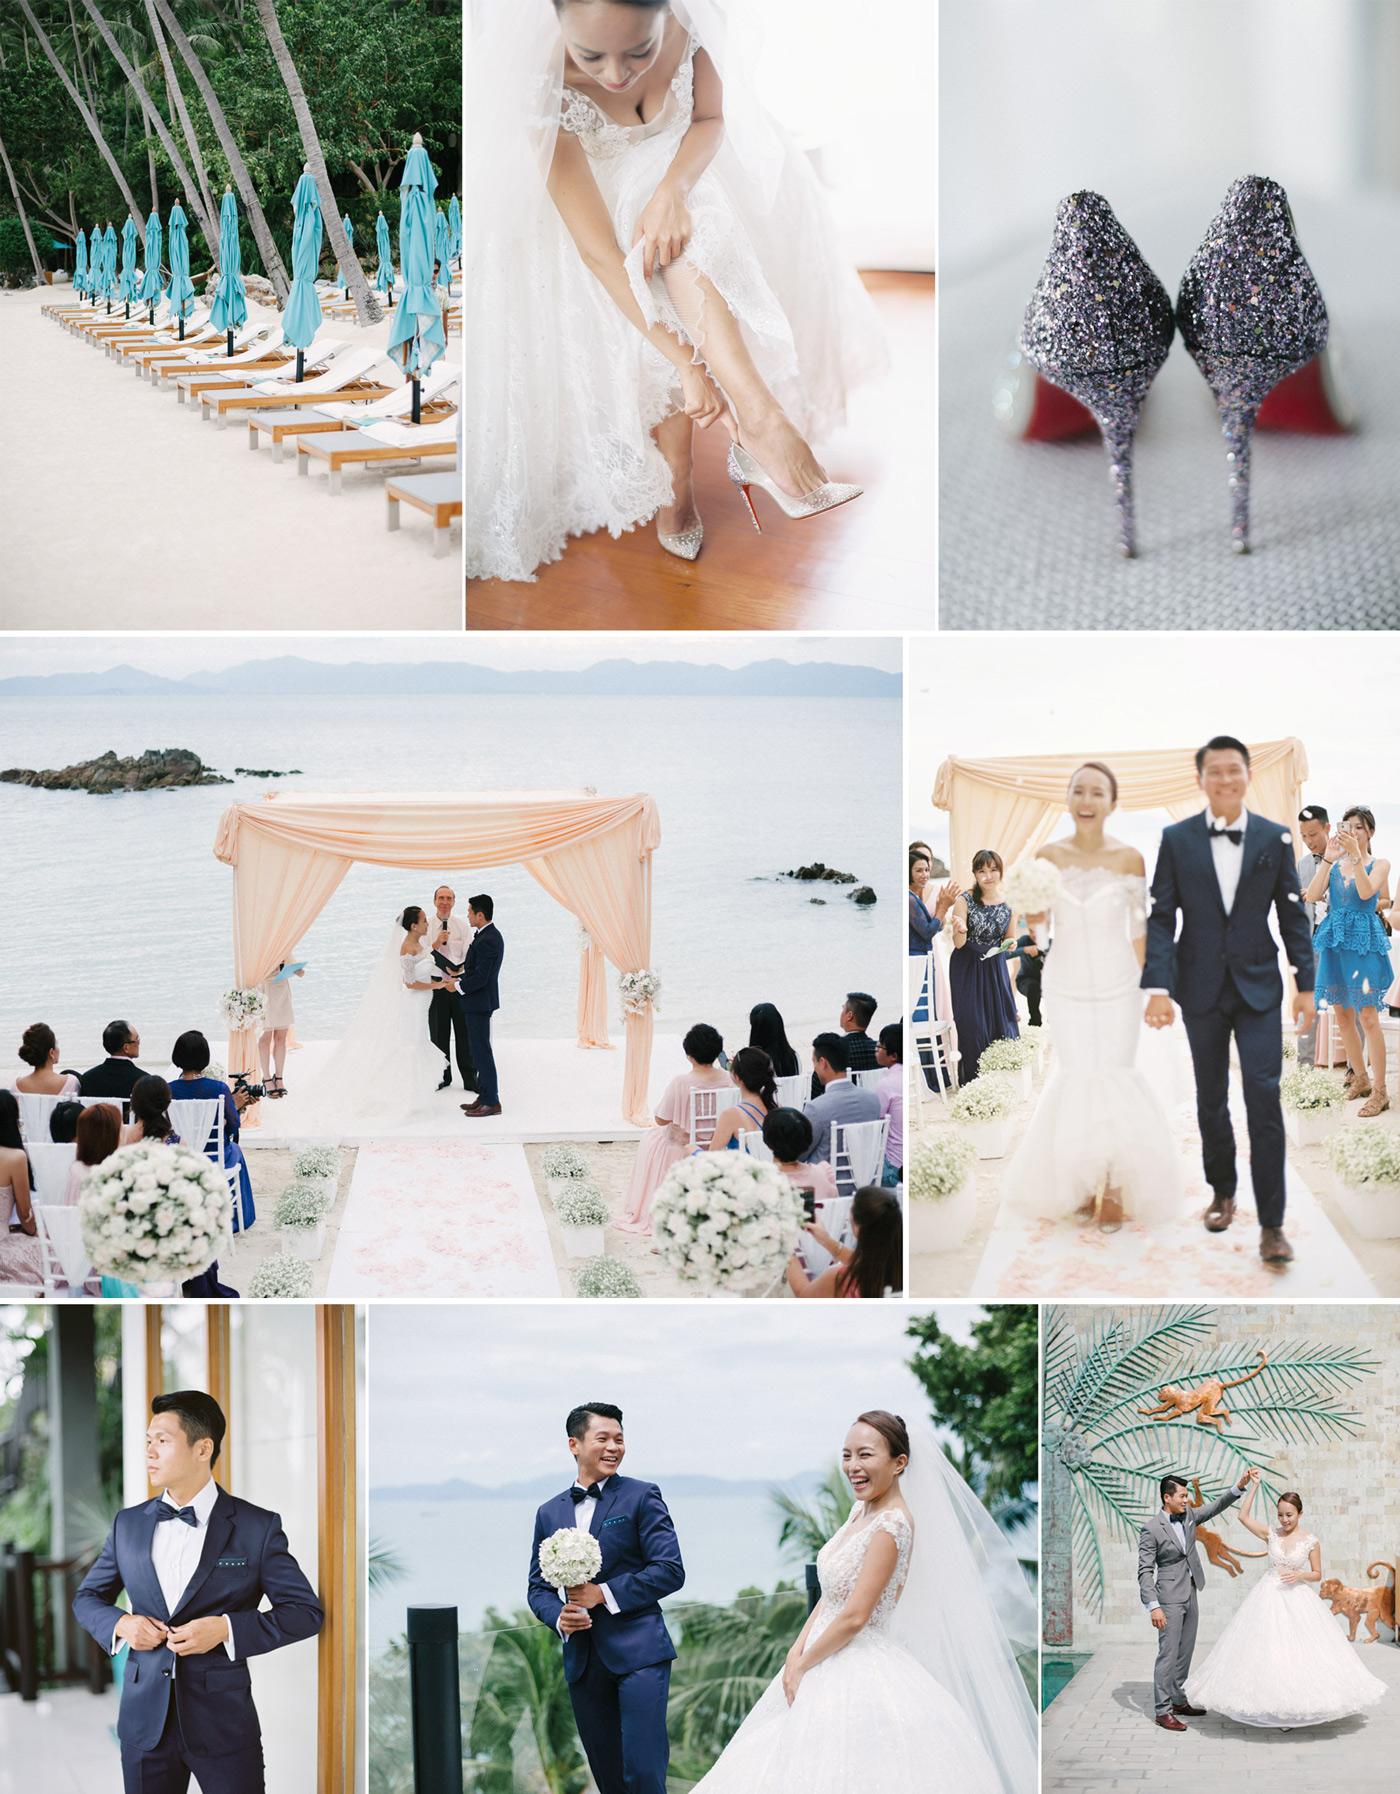 film-wedding-editorial-photographer-markhong-samui0011-%e6%8b%b7%e8%b2%9d-2